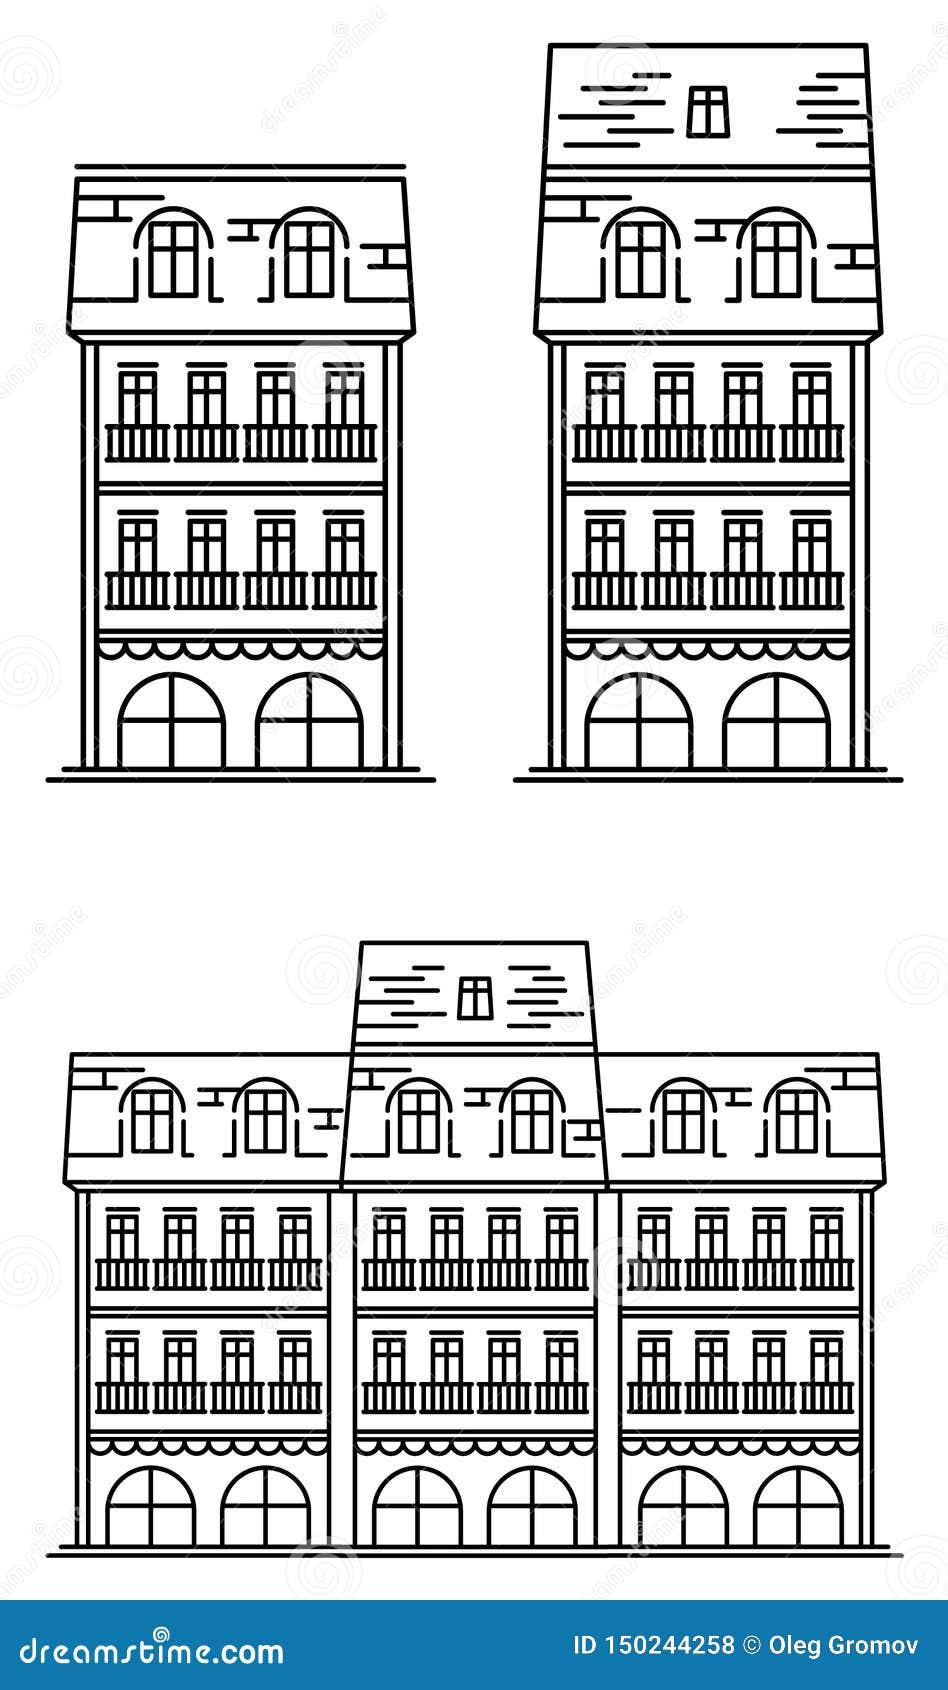 European_house